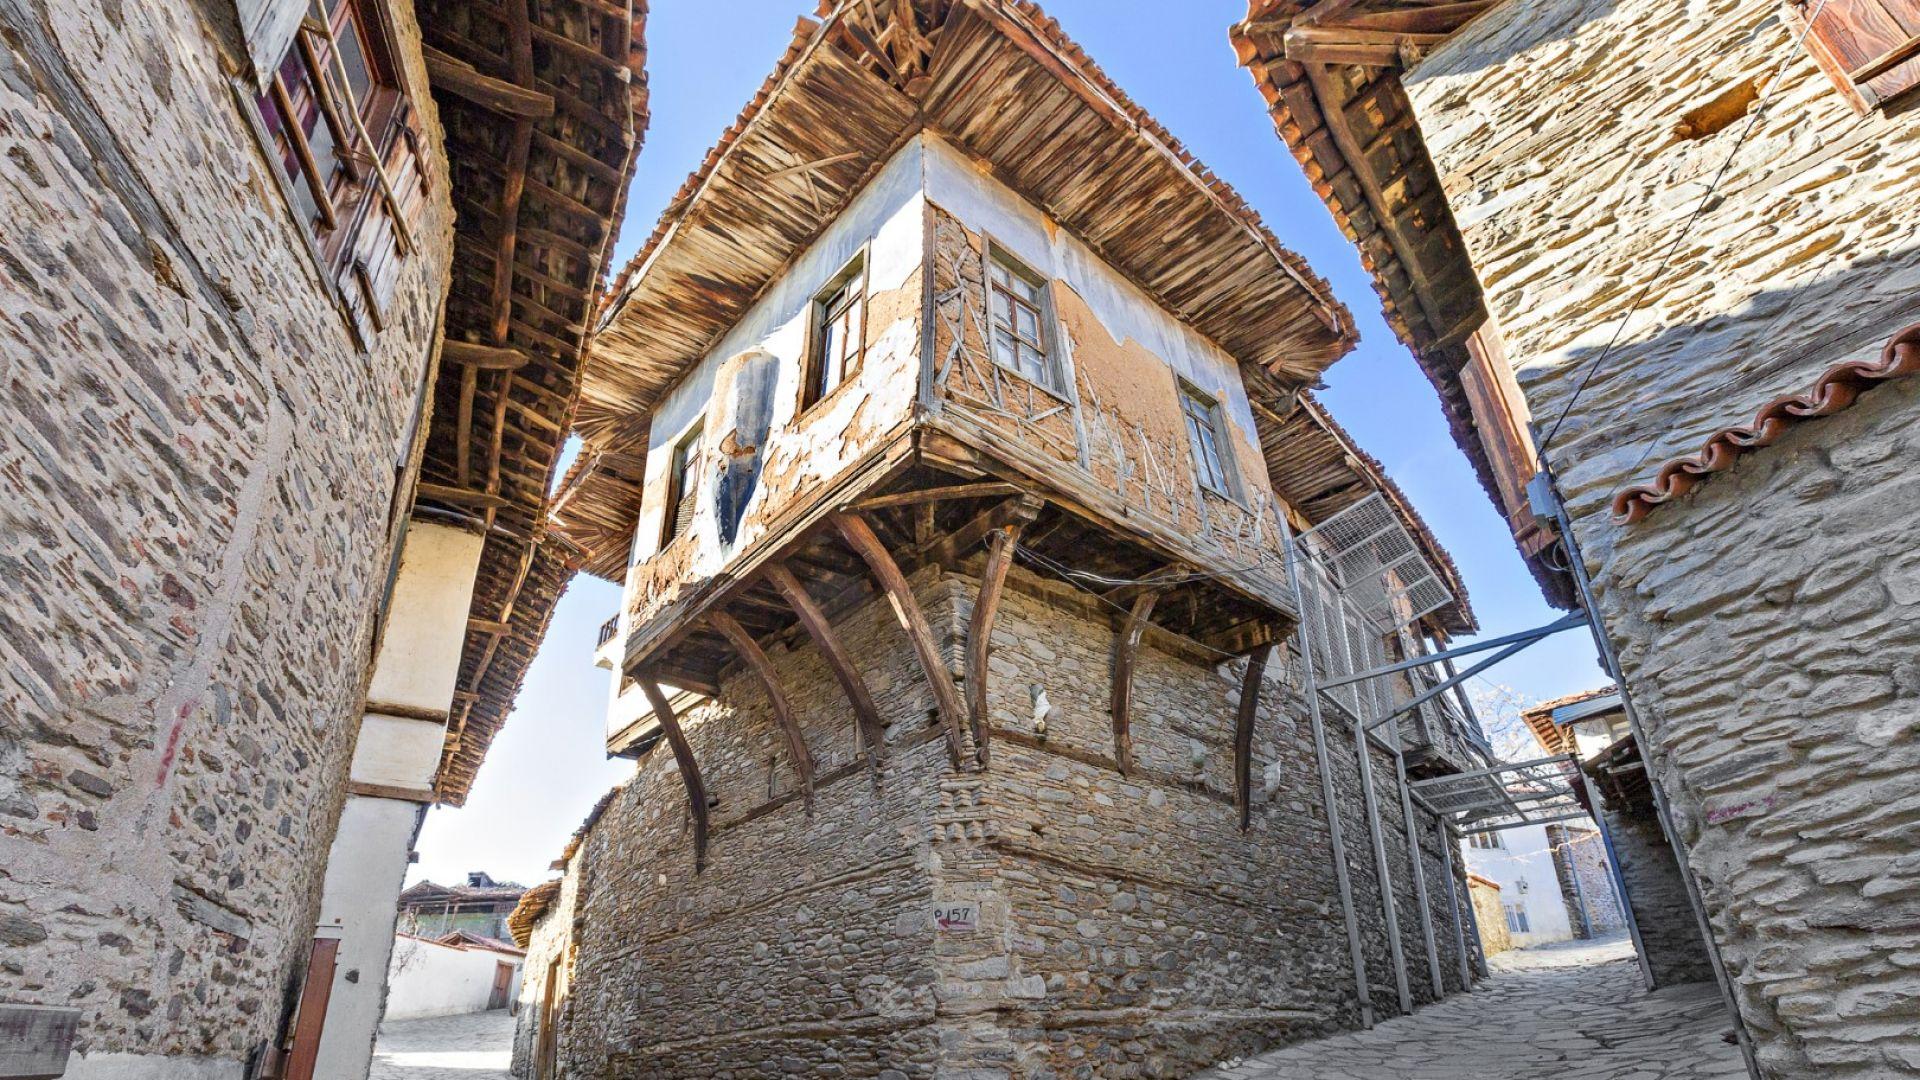 Бирги: турското градче встрани от туристическите маршрути